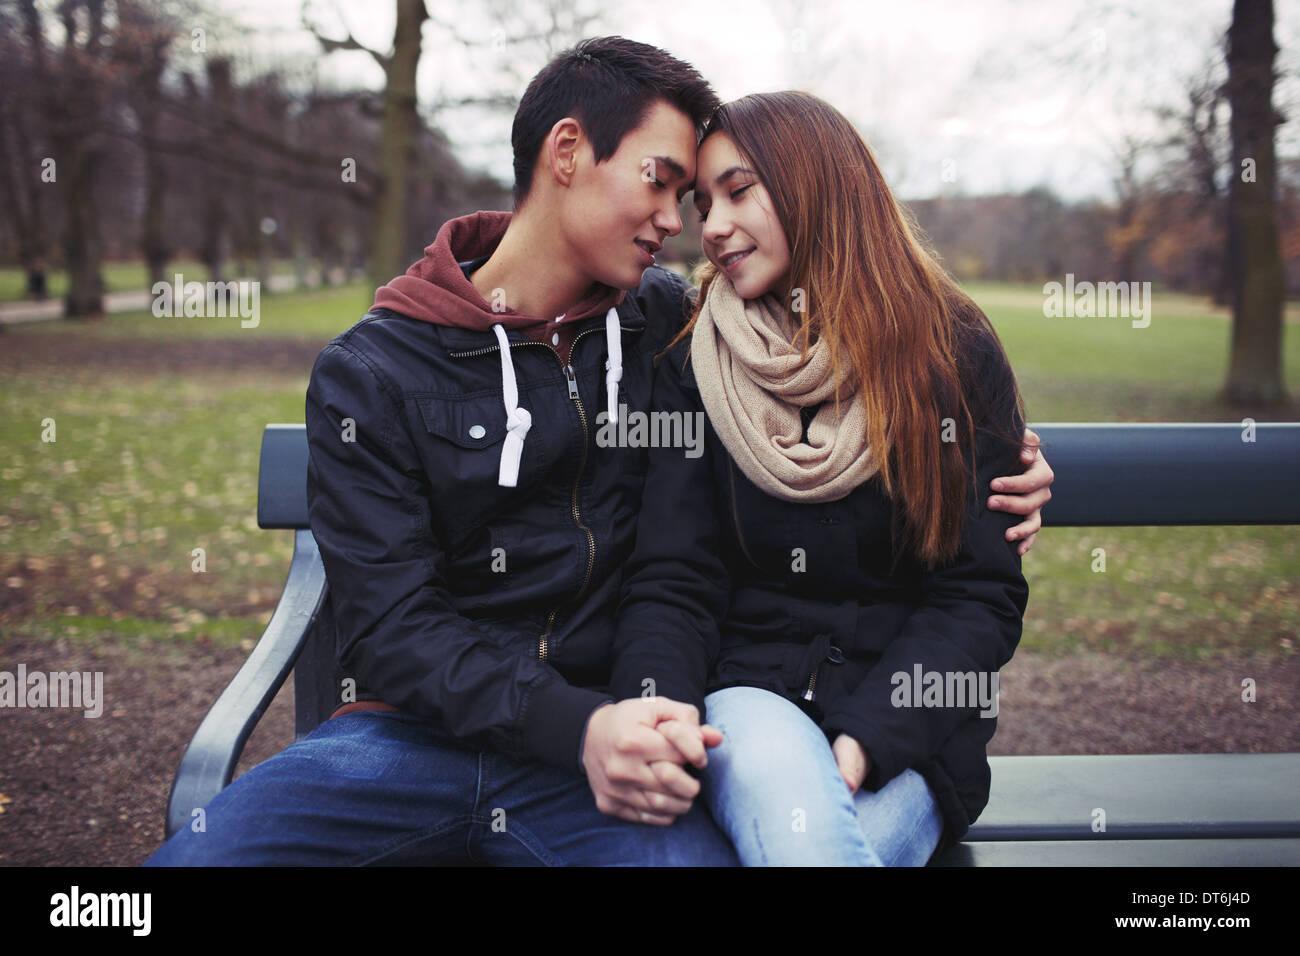 Junges Paar gemeinsam einen zarten Moment beim Sitzen auf einer Parkbank. Teenage asian paar draußen im Park. Stockbild